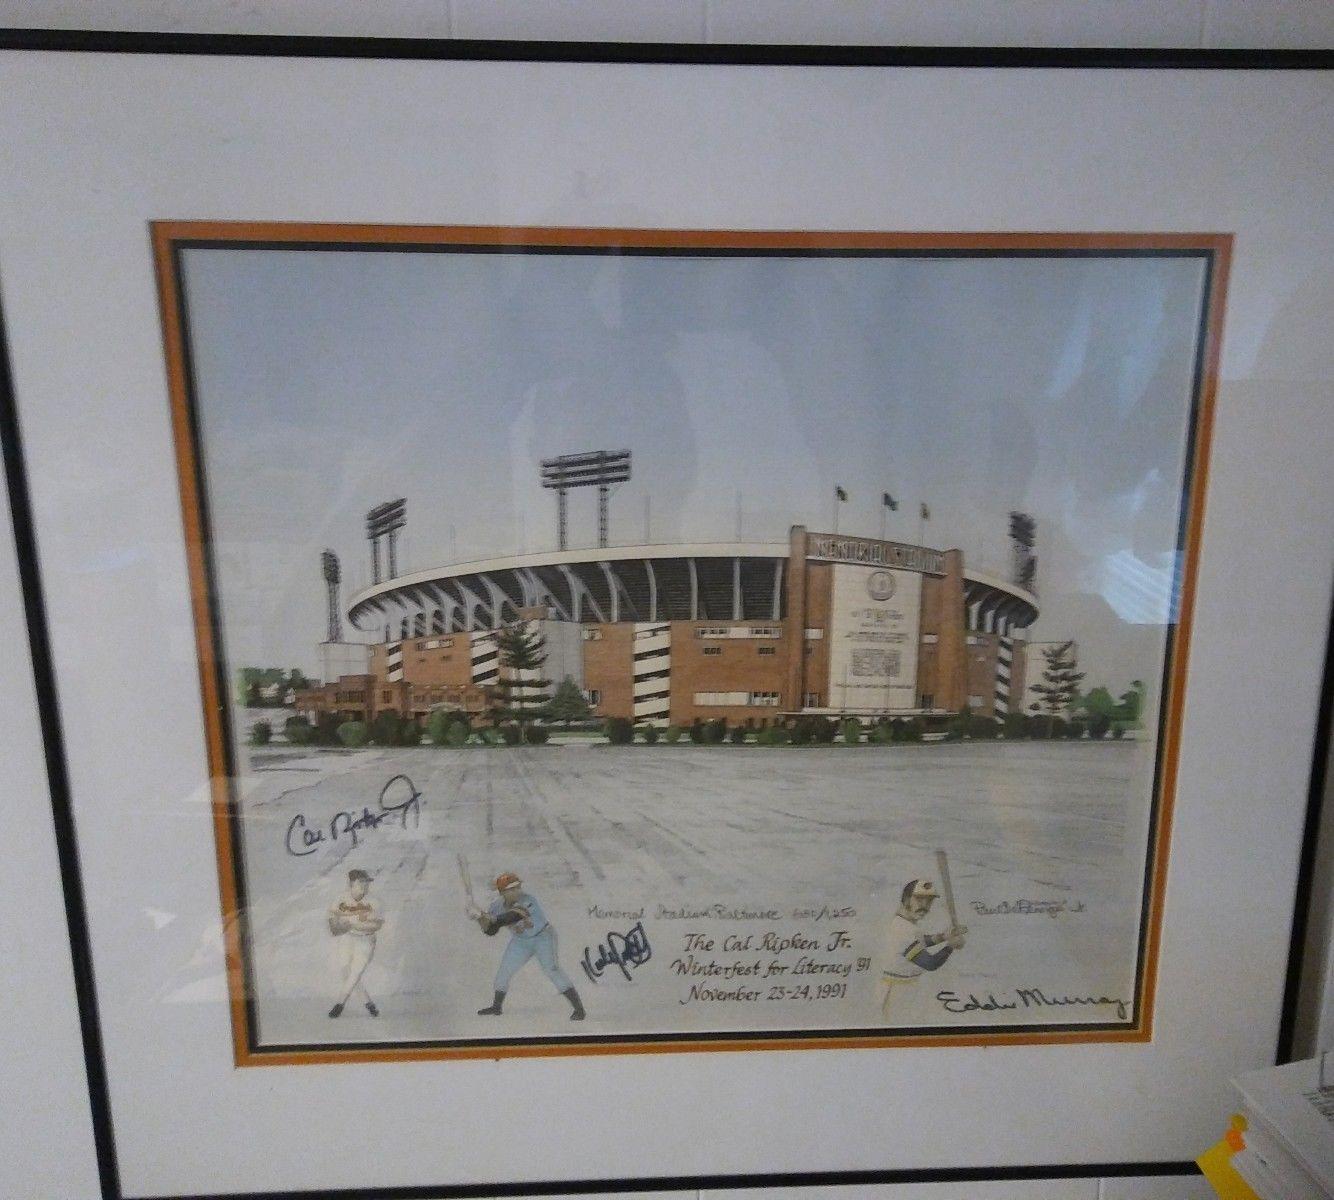 PAUL DeREMIGIS Memorial Stadium print signed by Eddie Murray, Kirby Puckett and Cal Ripken, Jr.